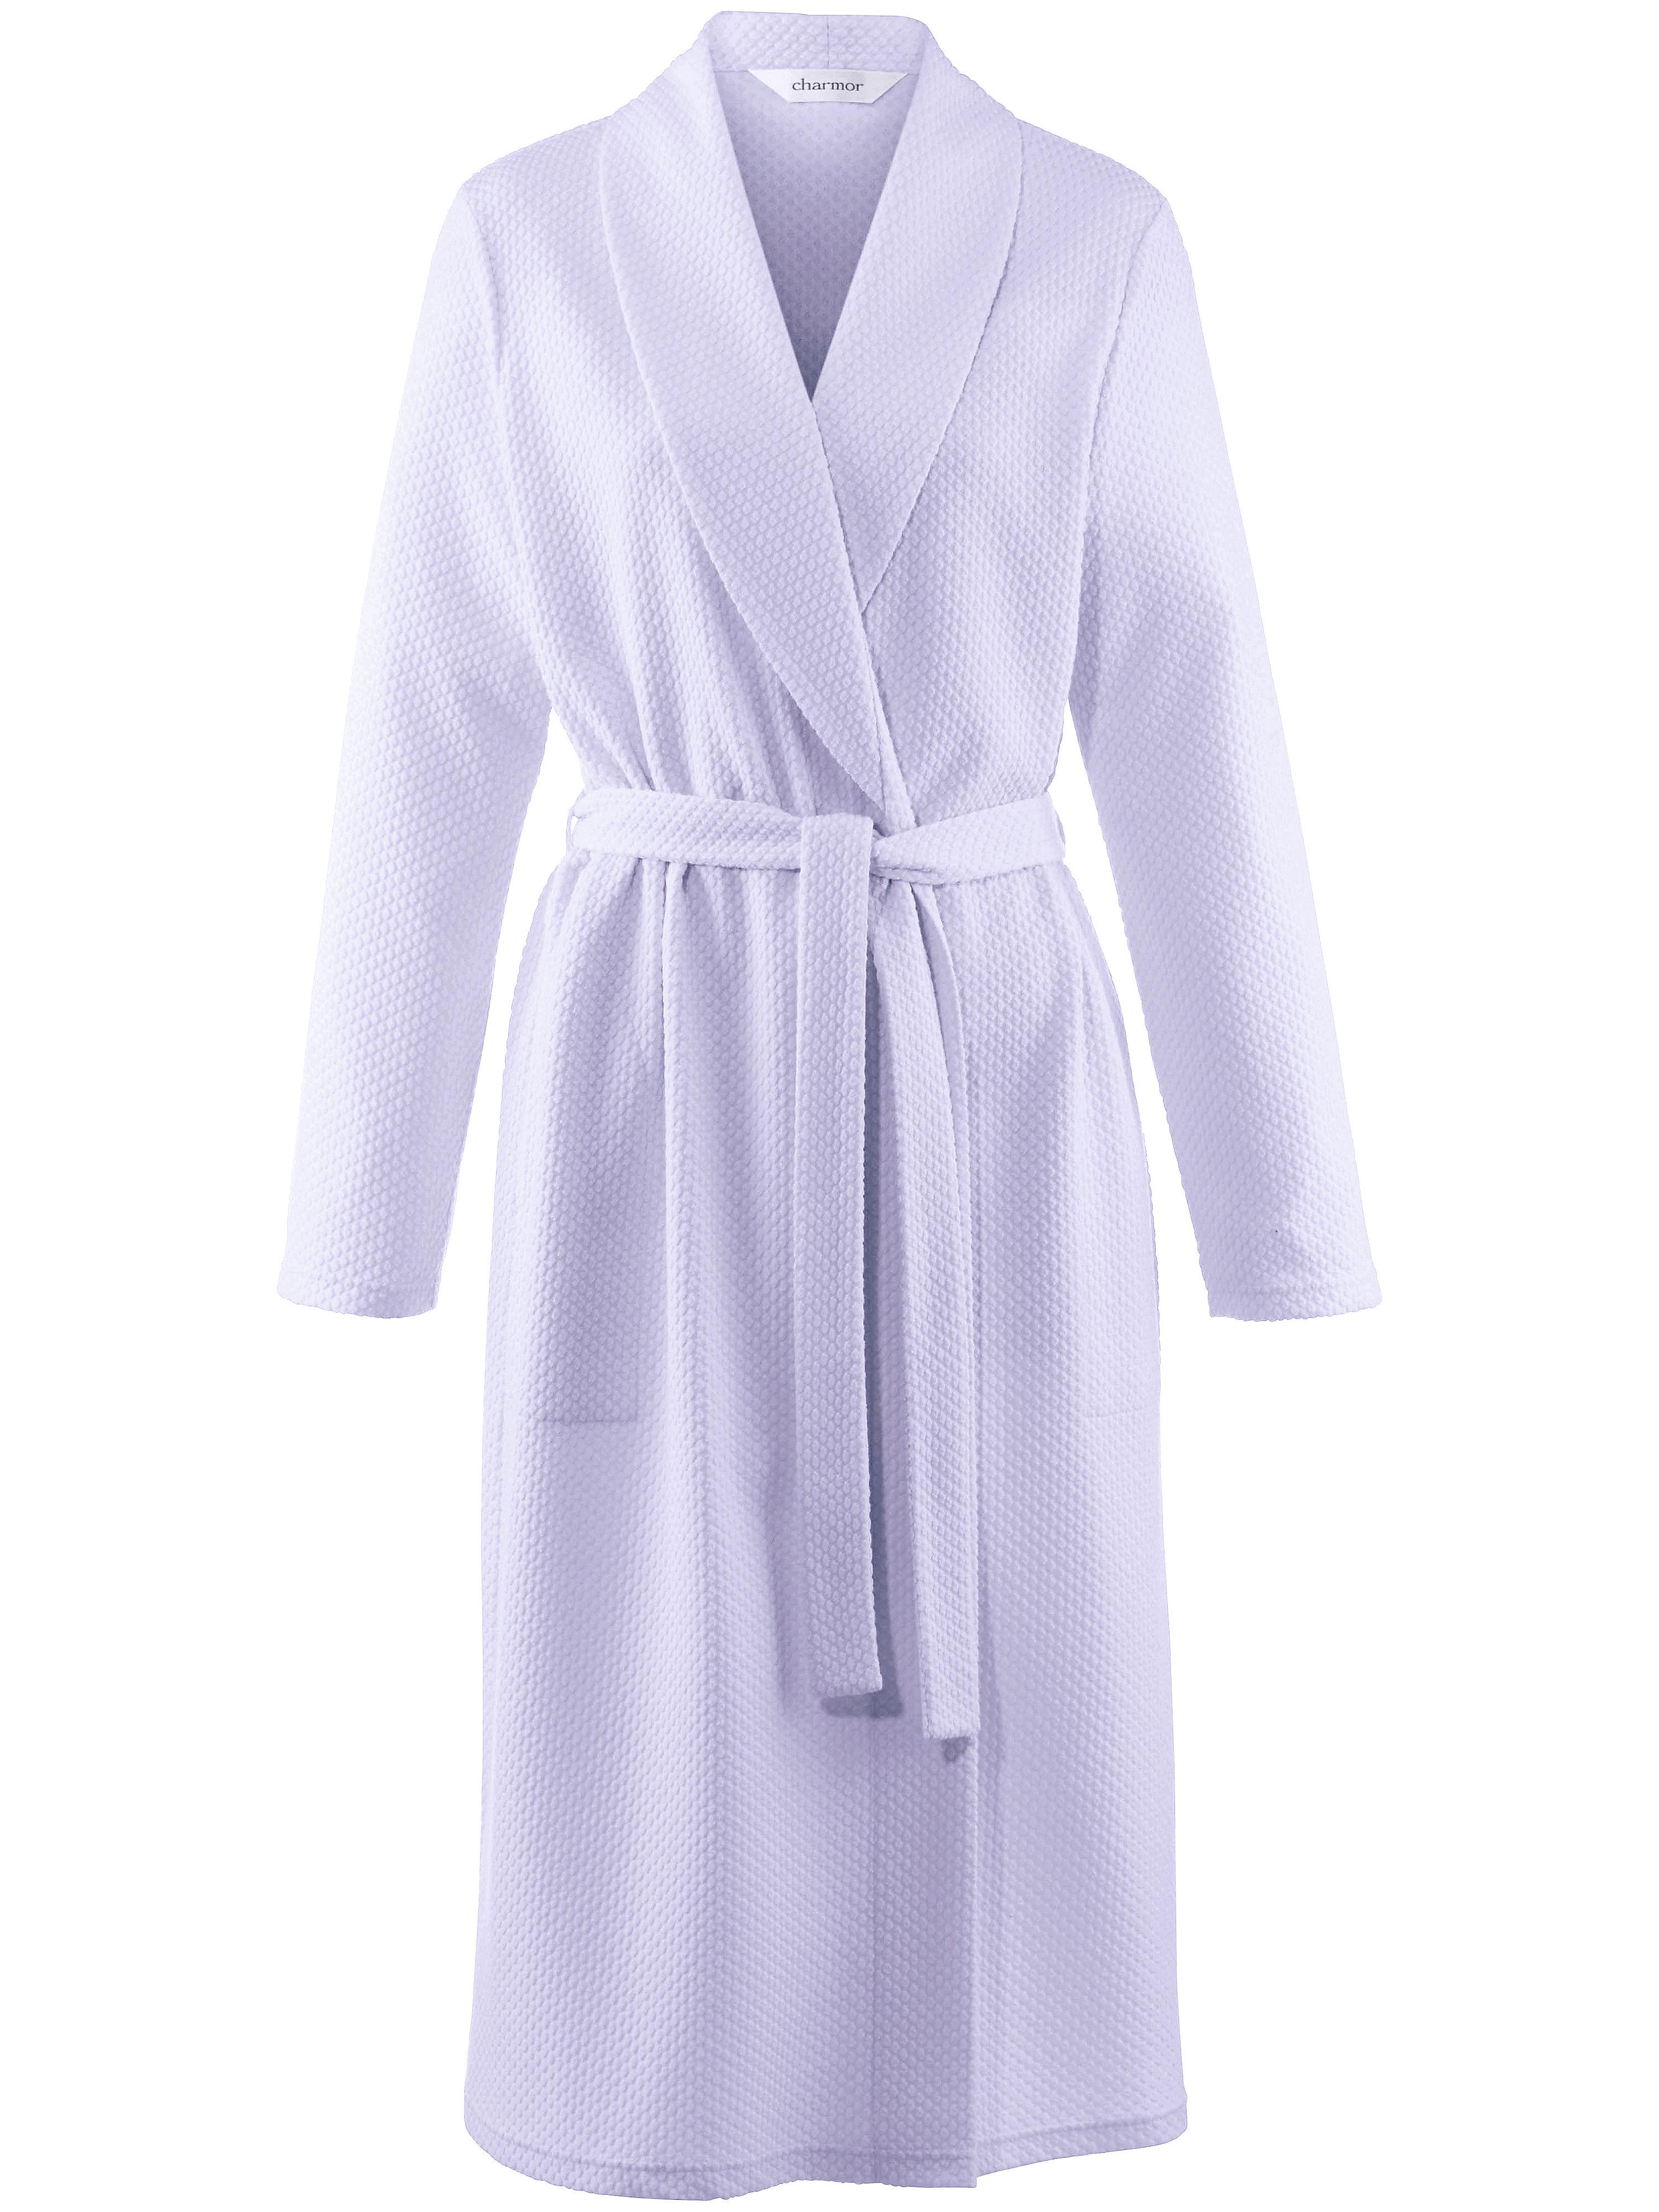 La robe chambre, col châle et ceinture à nouer  Charmor mauve